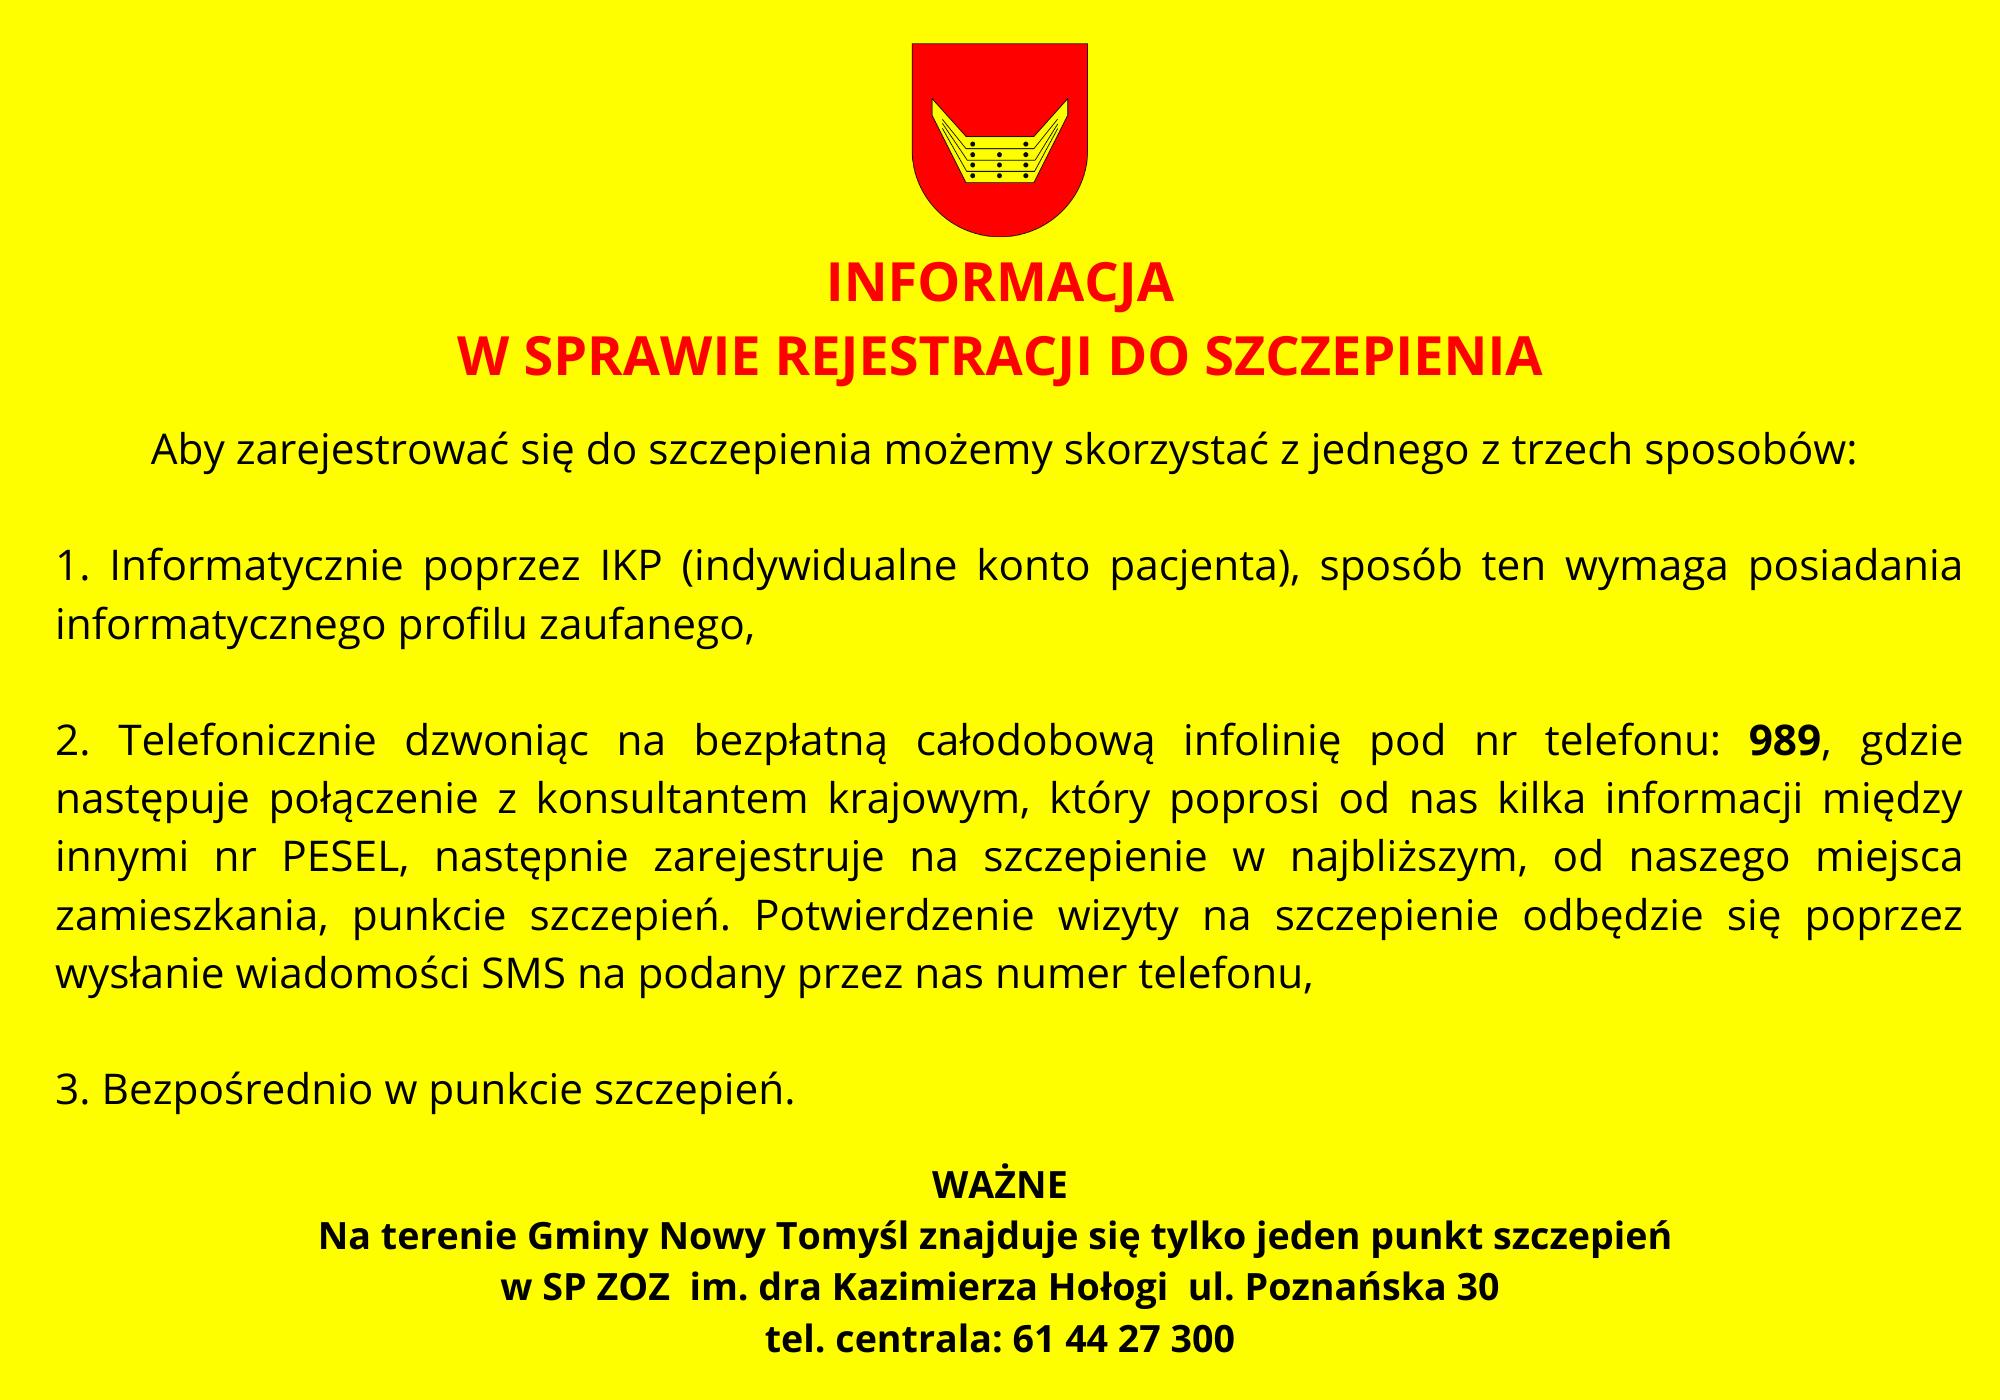 Informacja w sprawie rejestracji do szczepienia